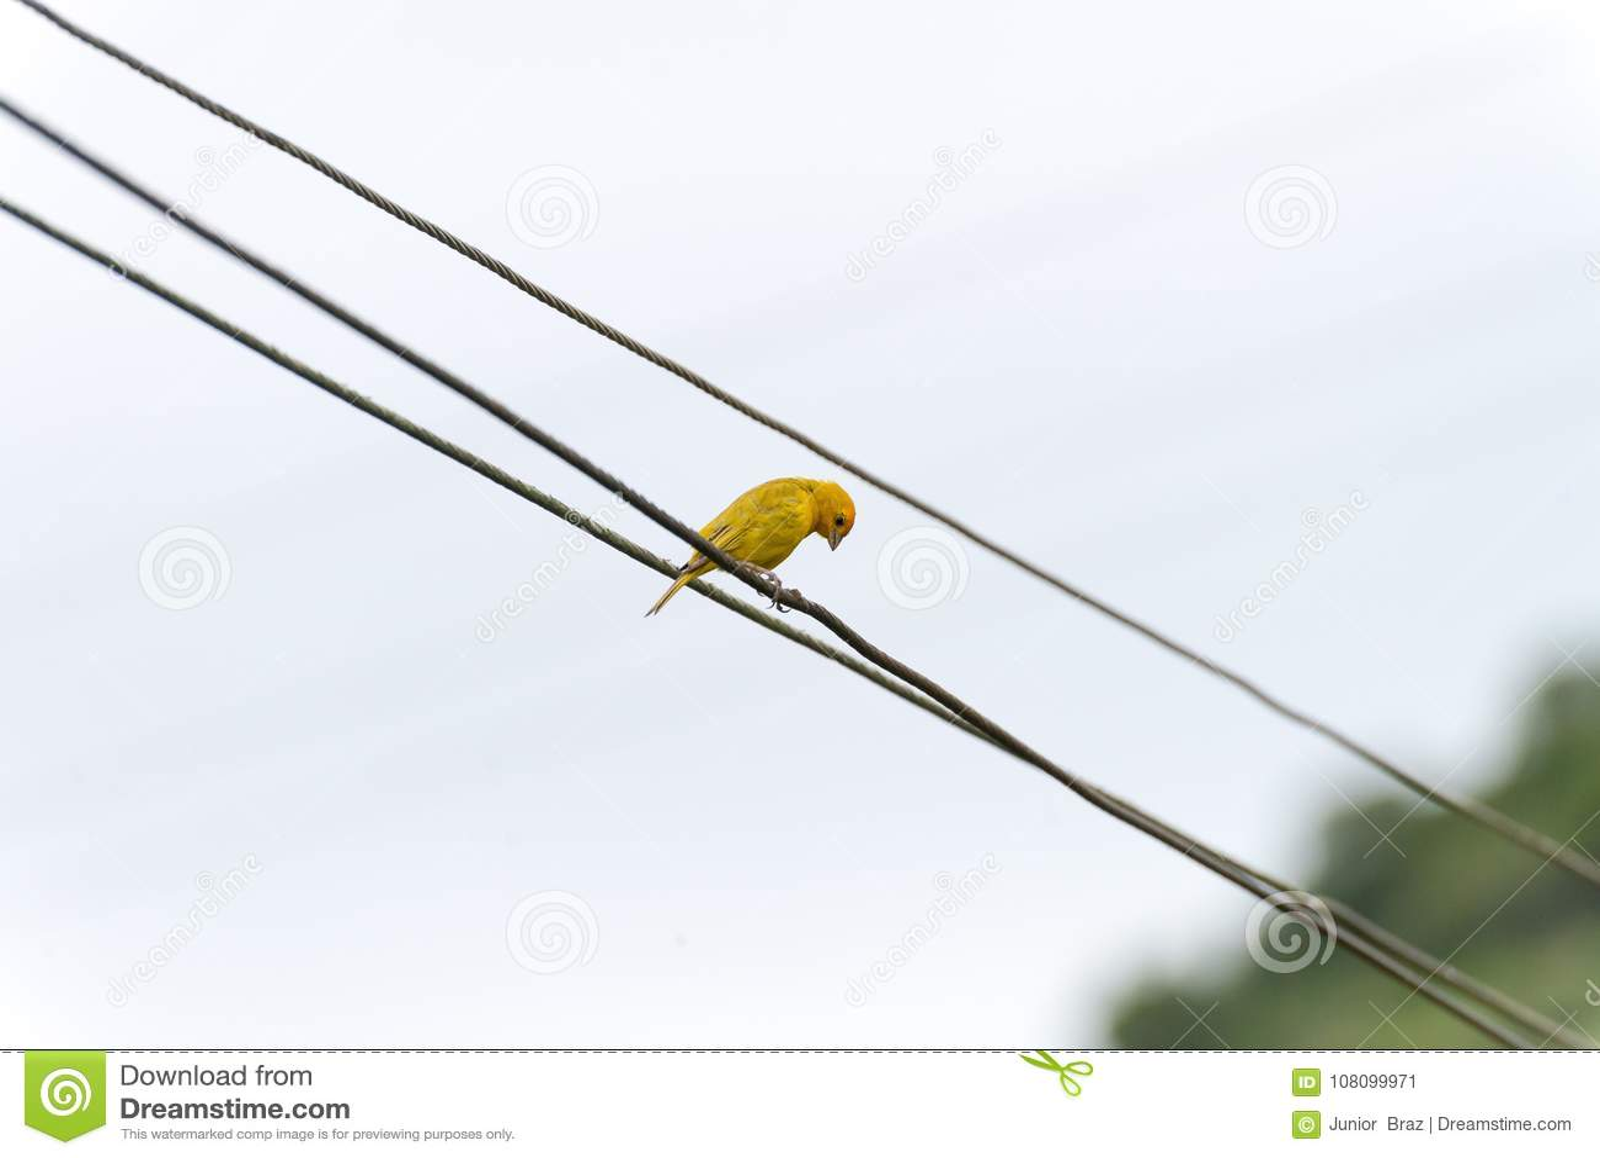 Canário amarelo empoleirado em uma linha elétrica elétrica